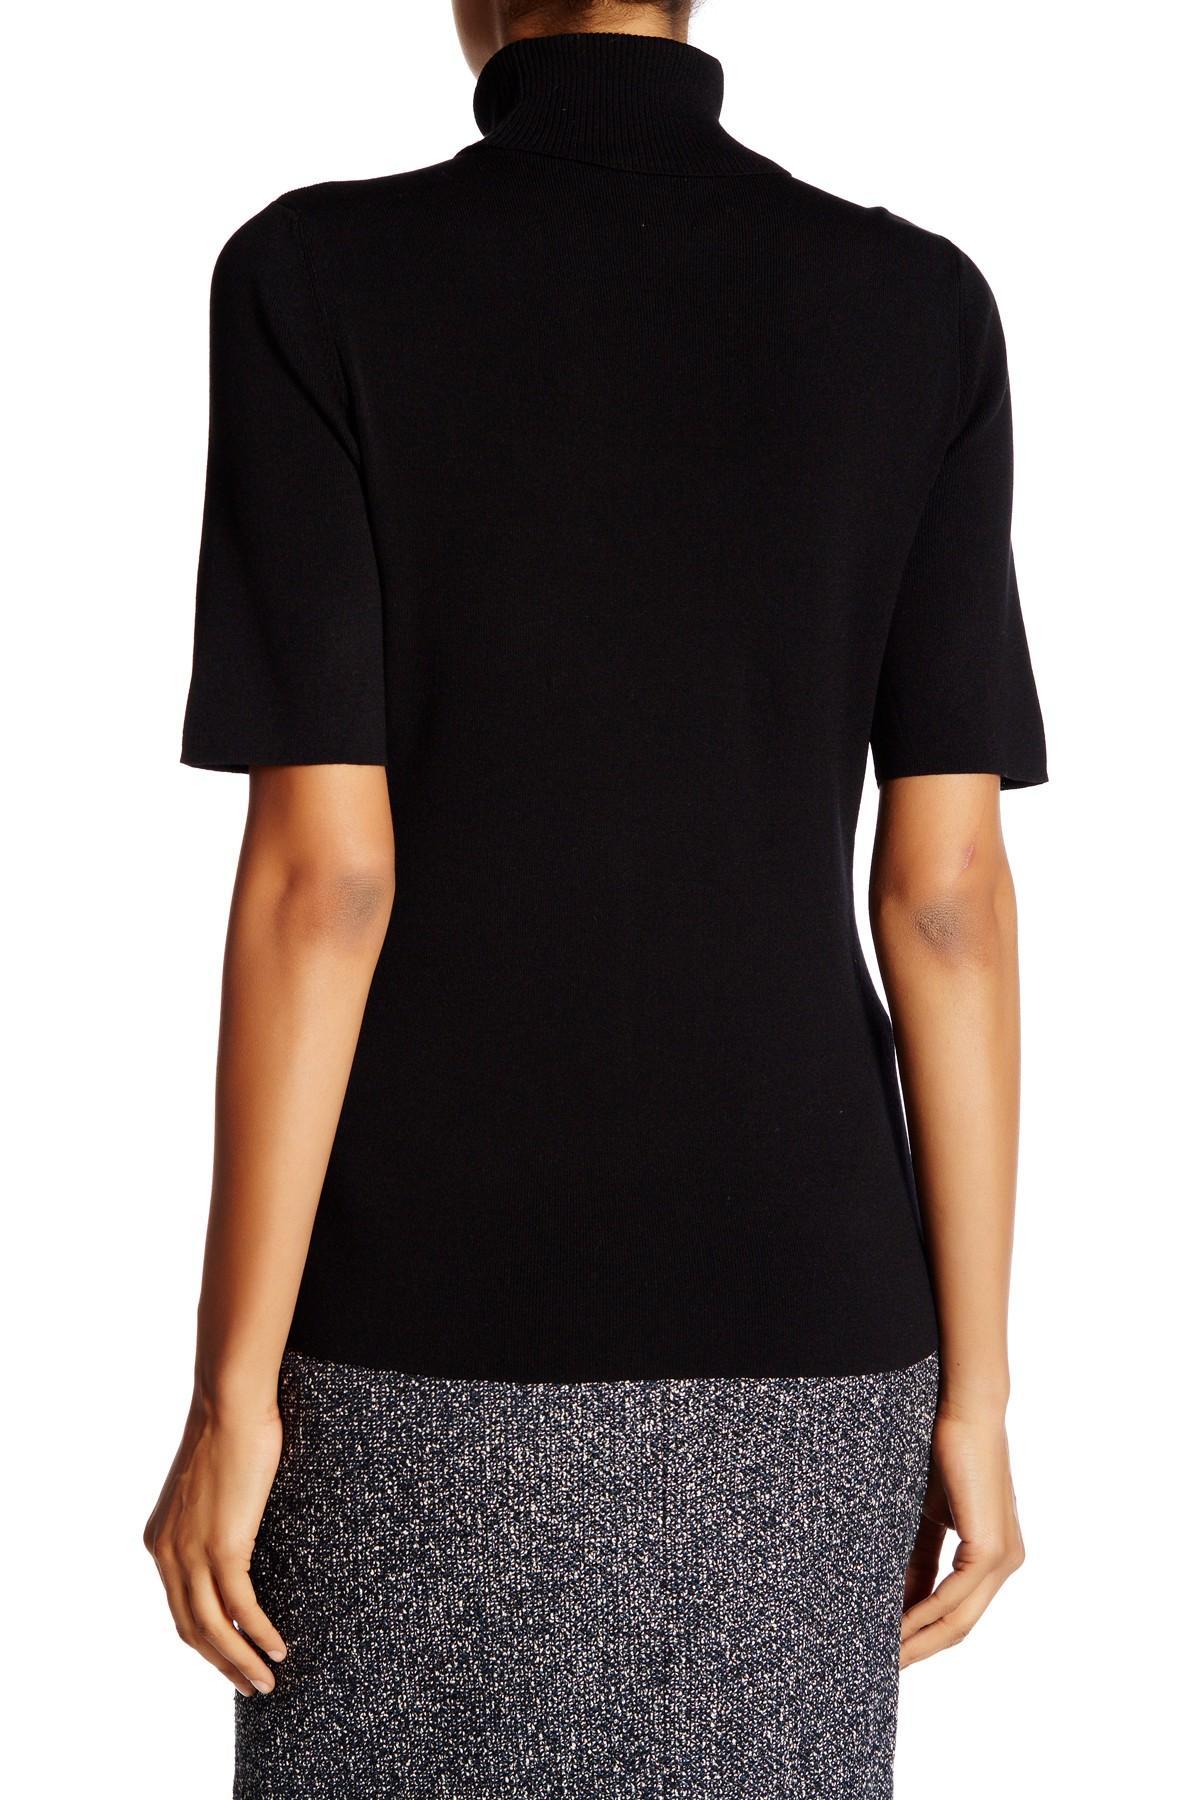 Lyst Anne Klein Short Sleeve Turtleneck Sweater In Black